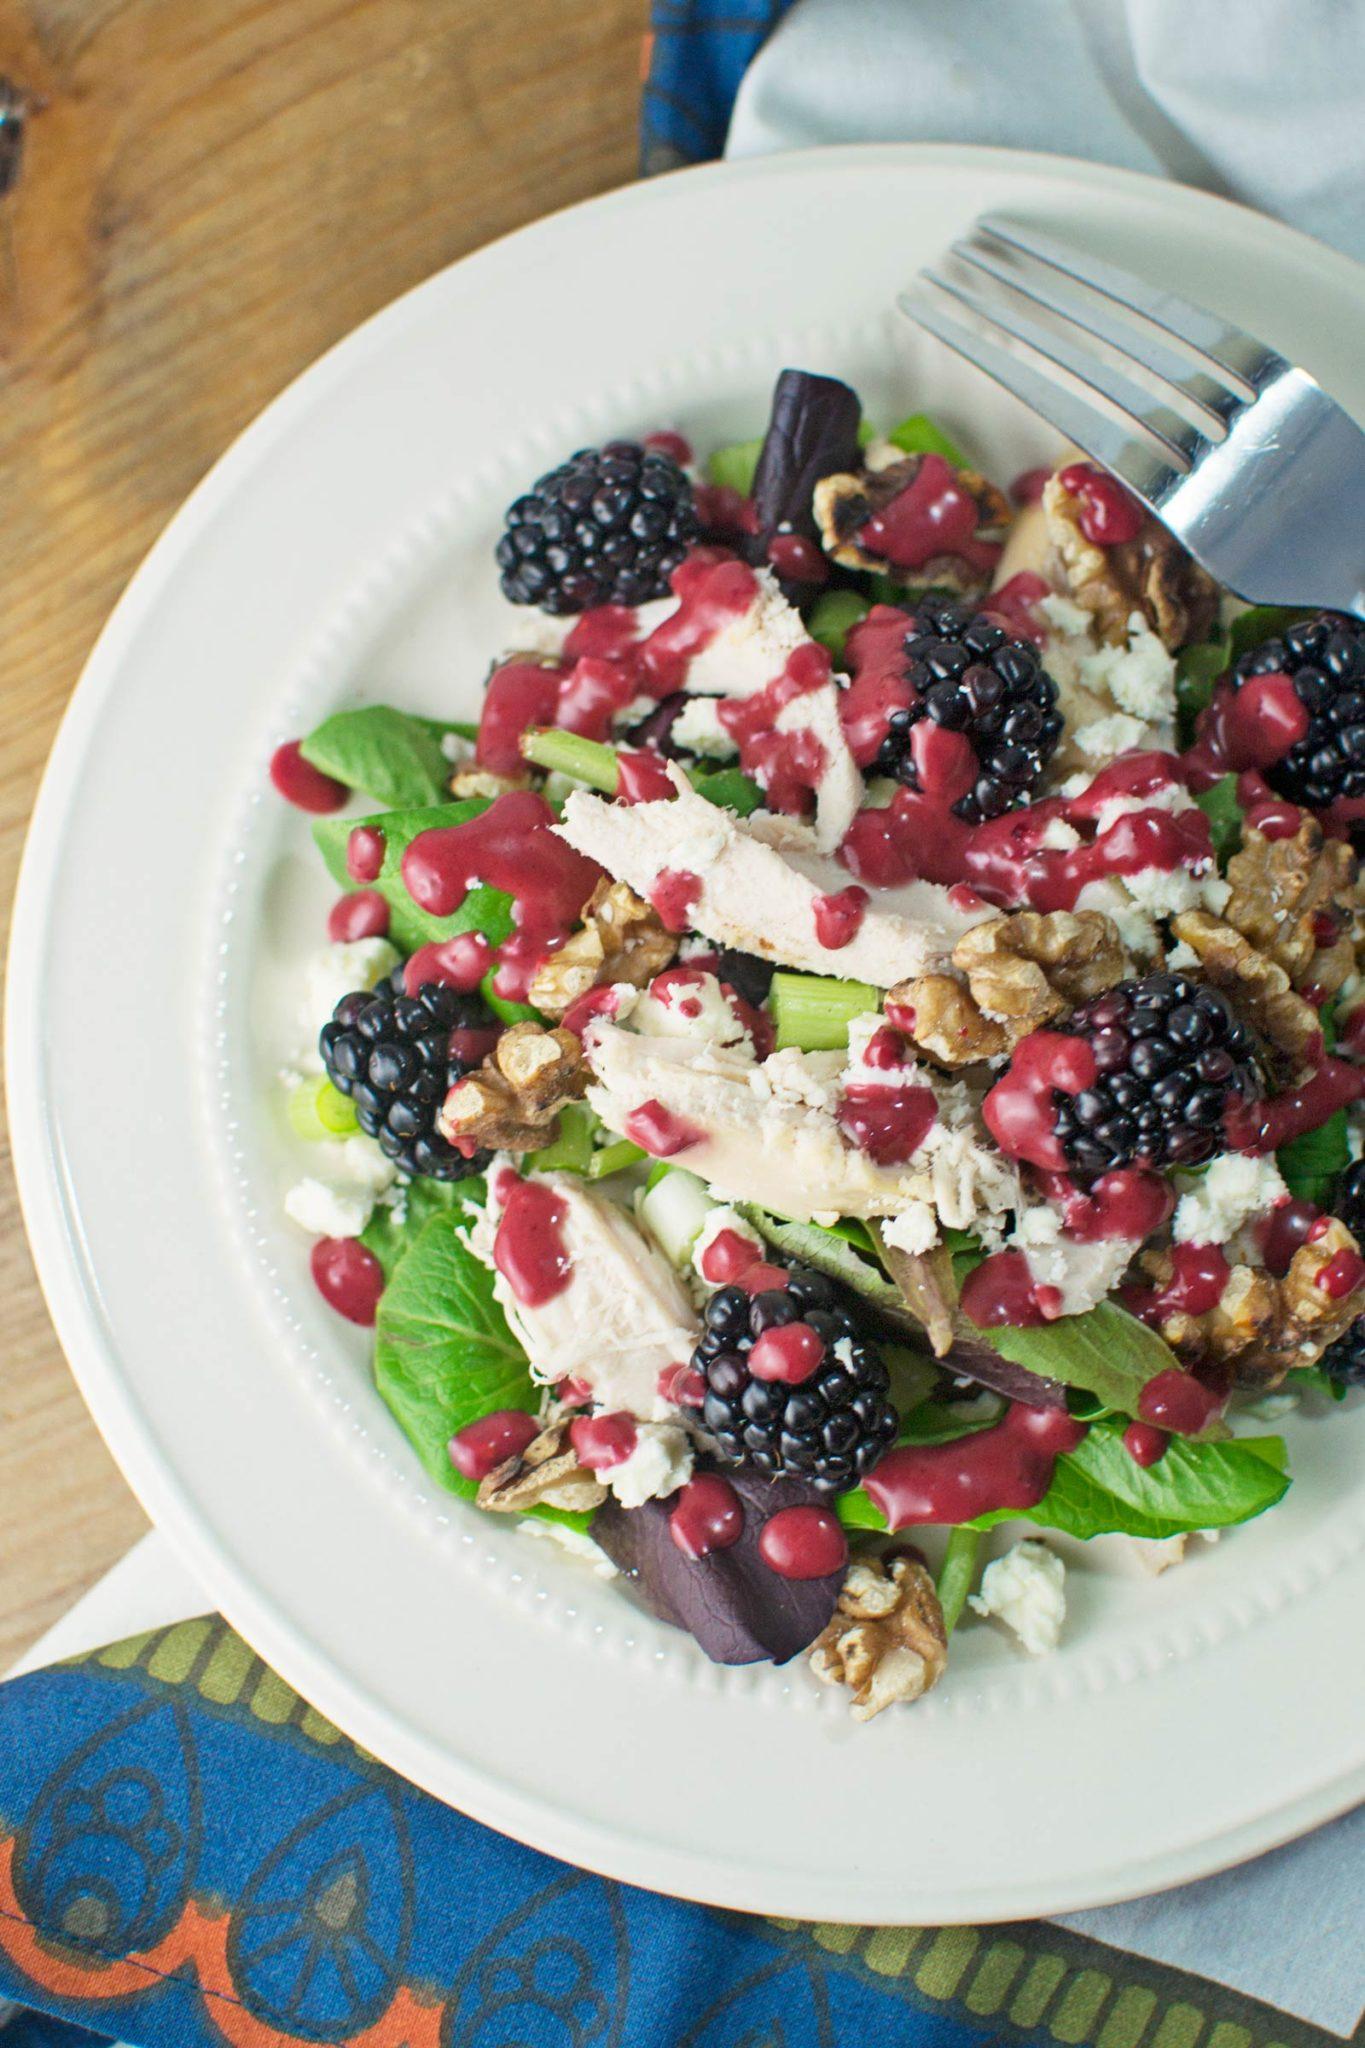 Blackberry Balsamic Vinaigrette with Chicken Feta Salad - @LittleFiggyFood - #Blackberries